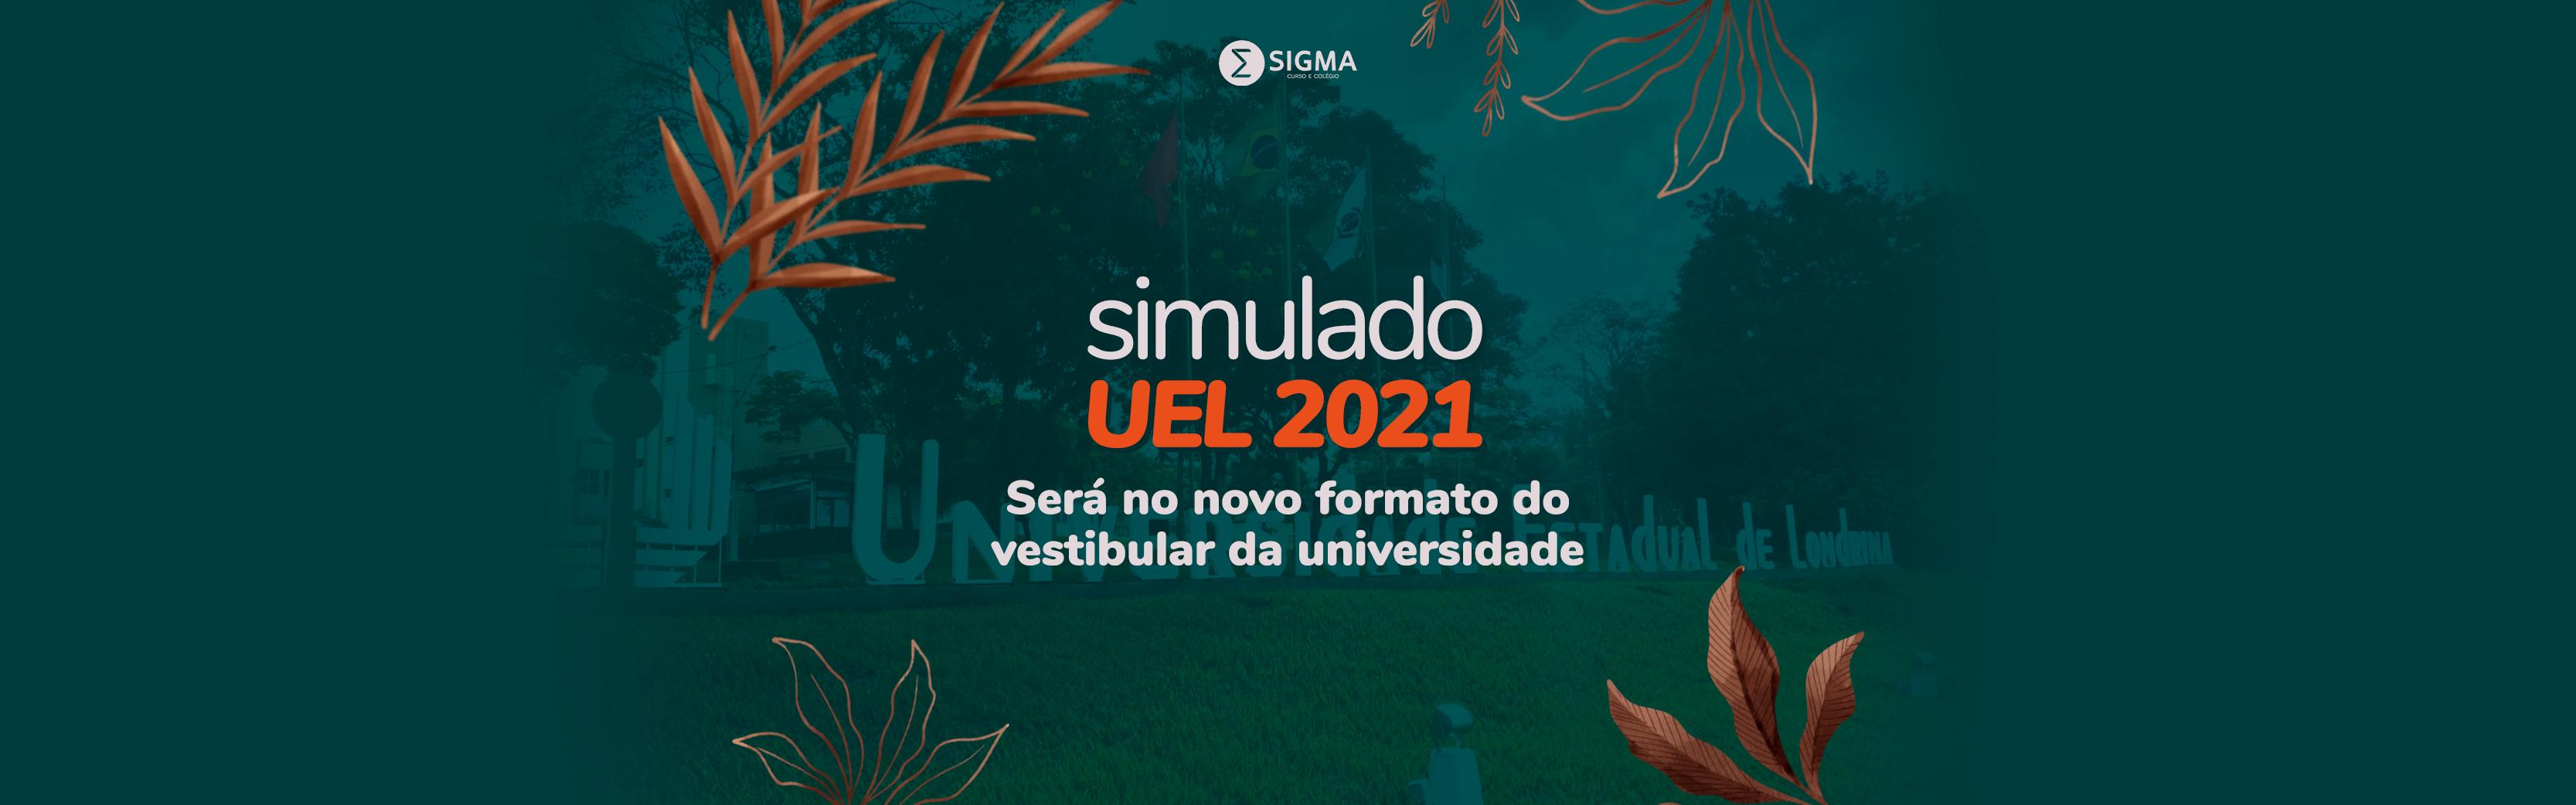 Simulado UEL 2021 Sigma será no novo formato do vestibular da universidade